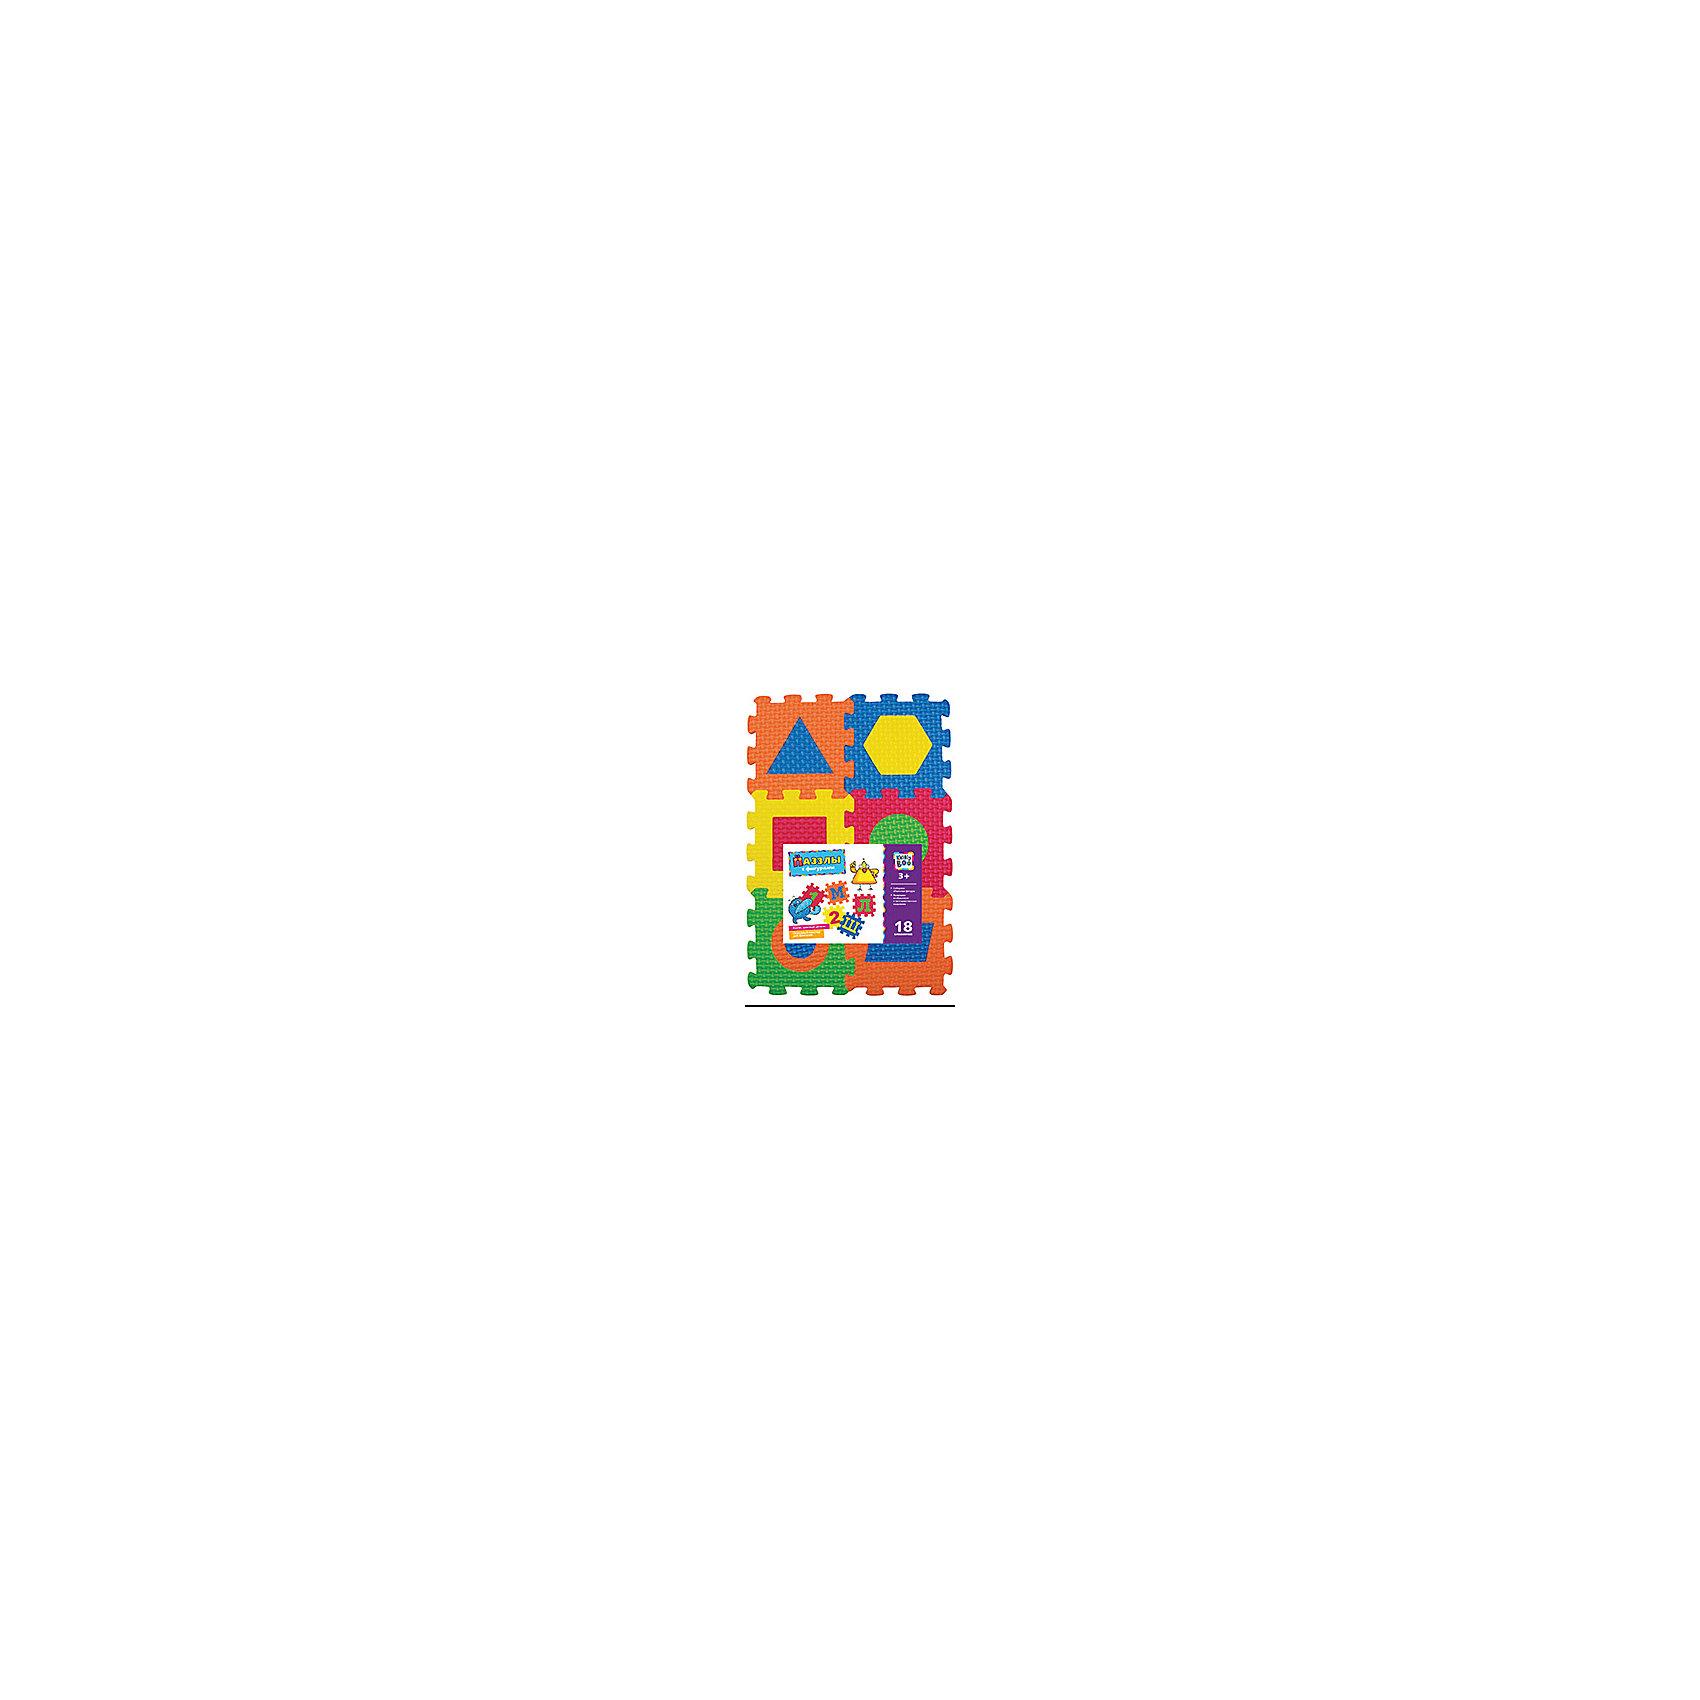 Пазлы с фигурами, 18 элементов, KriblyBooПазлы с фигурами, 18 элементов, KriblyBoo (Крибли Бу).<br><br>Характеристики:<br><br>• поможет выучить фигуры и цвета<br>• ребенок сможет сам собрать пазлы<br>• яркий дизайн<br>• количество элементов: 18<br>• размер одного пазла: 7х7 см<br>• материал: ПВХ<br>• размер упаковки: 22х6х25 см<br>• вес: 200 грамм<br><br>Яркие пазлы Крибли Бу помогут вам научить ребенка распознавать геометрические фигуры и цвета. Набор состоит из 18 пазлов одинакового размера. Каждый пазл содержит вкладыш с геометрической фигурой. Вы можете предложить ребенку поставить фигуры на свое место, а затем собрать пазл. Готовый пазл можно использовать в качестве коврика. С ярким пазлом ваш ребенок с радостью выучит геометрические фигуры!<br><br>Пазлы с фигурами, 18 элементов, KriblyBoo (Крибли Бу) вы можете купить в нашем интернет-магазине.<br><br>Ширина мм: 250<br>Глубина мм: 60<br>Высота мм: 220<br>Вес г: 200<br>Возраст от месяцев: 36<br>Возраст до месяцев: 120<br>Пол: Унисекс<br>Возраст: Детский<br>SKU: 5017688